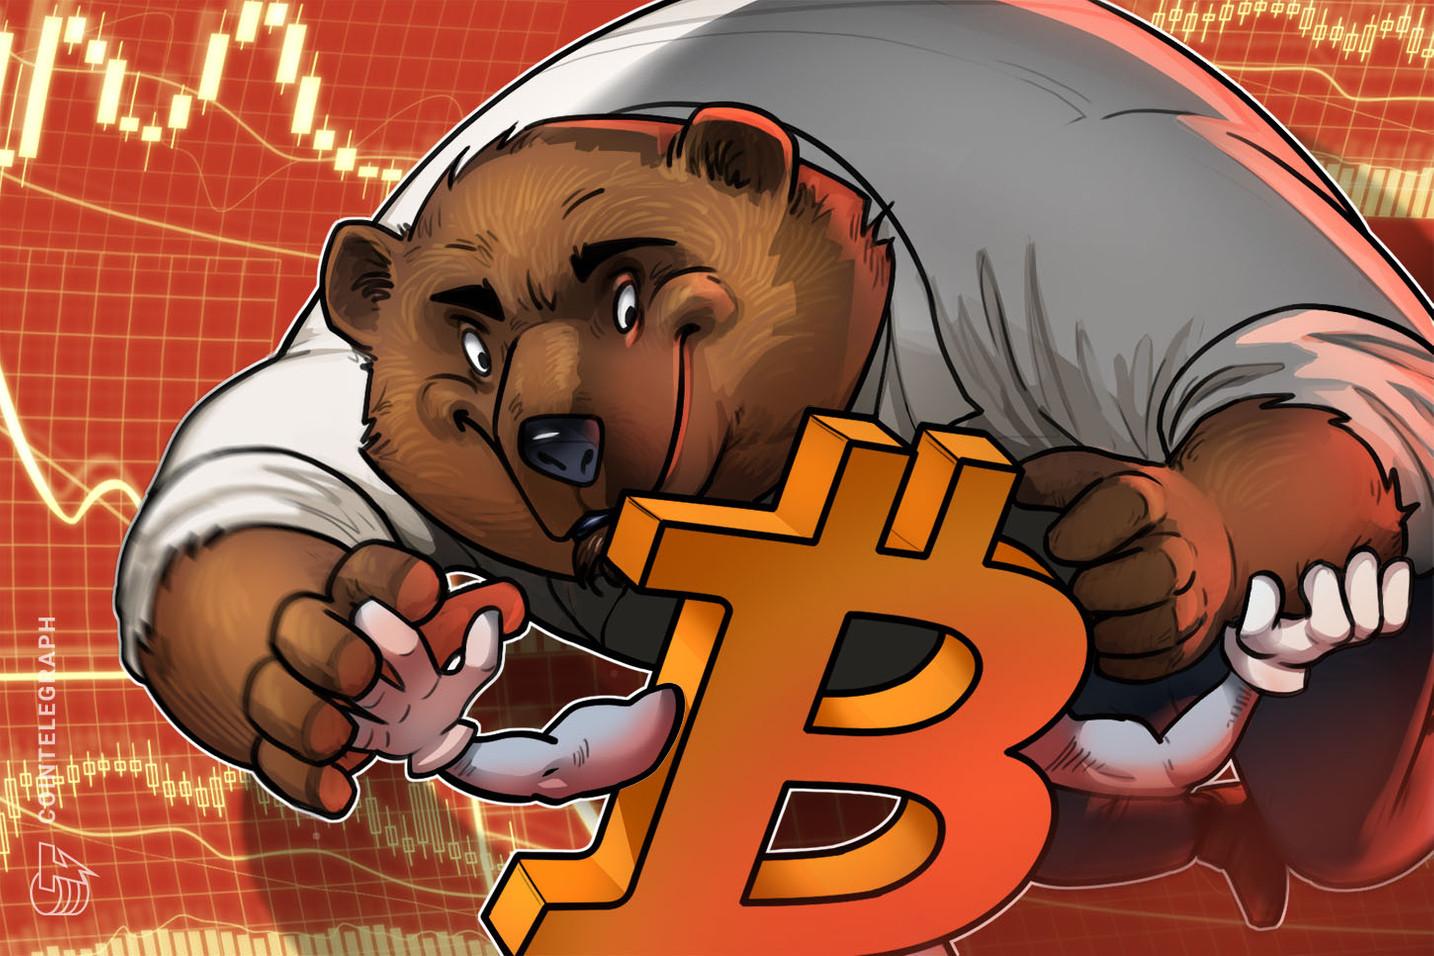 Los bajistas quieren fijar el precio de Bitcoin por debajo de USD 46,000, previo al vencimiento de las opciones de BTC por USD 3 mil millones el viernes